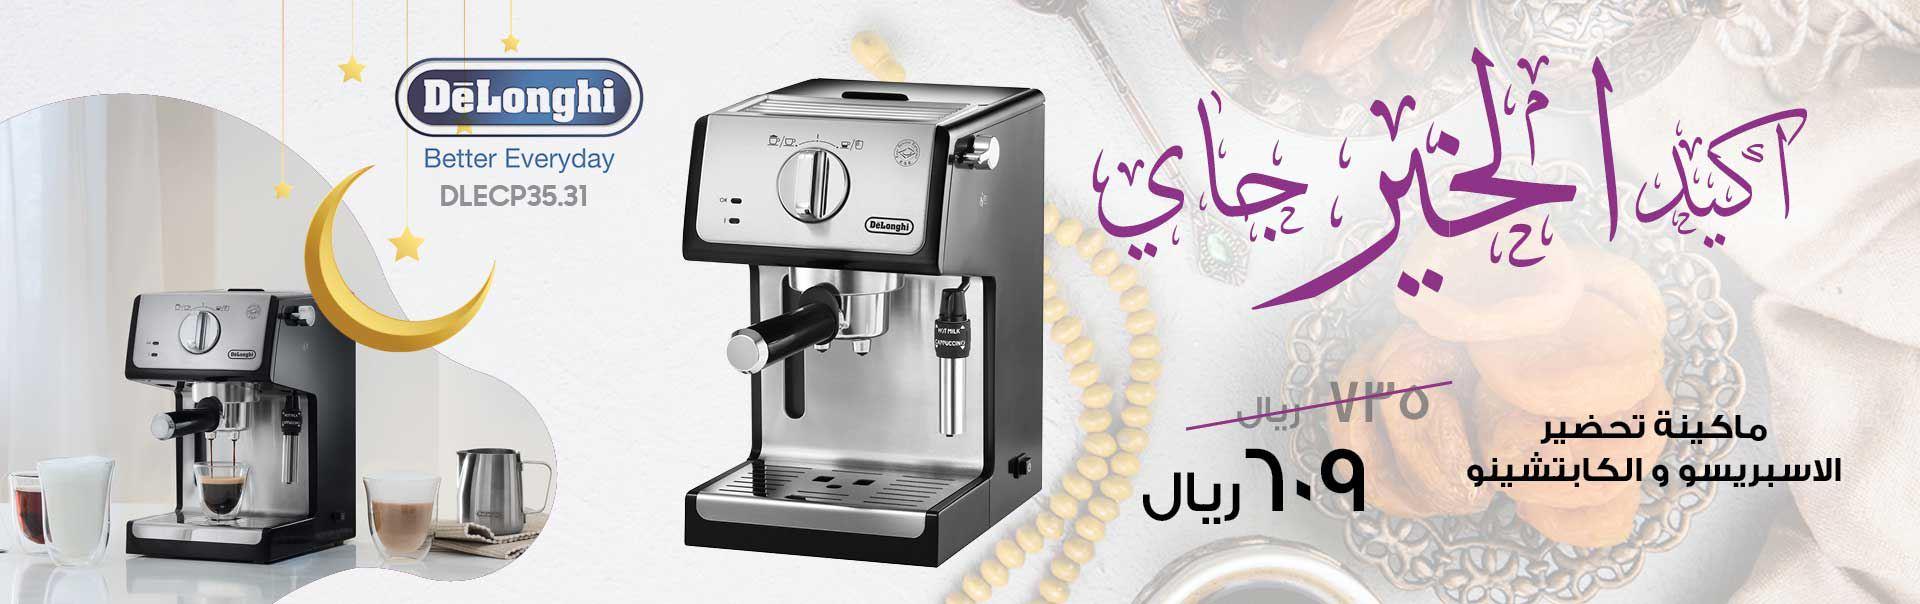 عروض عبد الواحد فى رمضان ماكينة القهوة